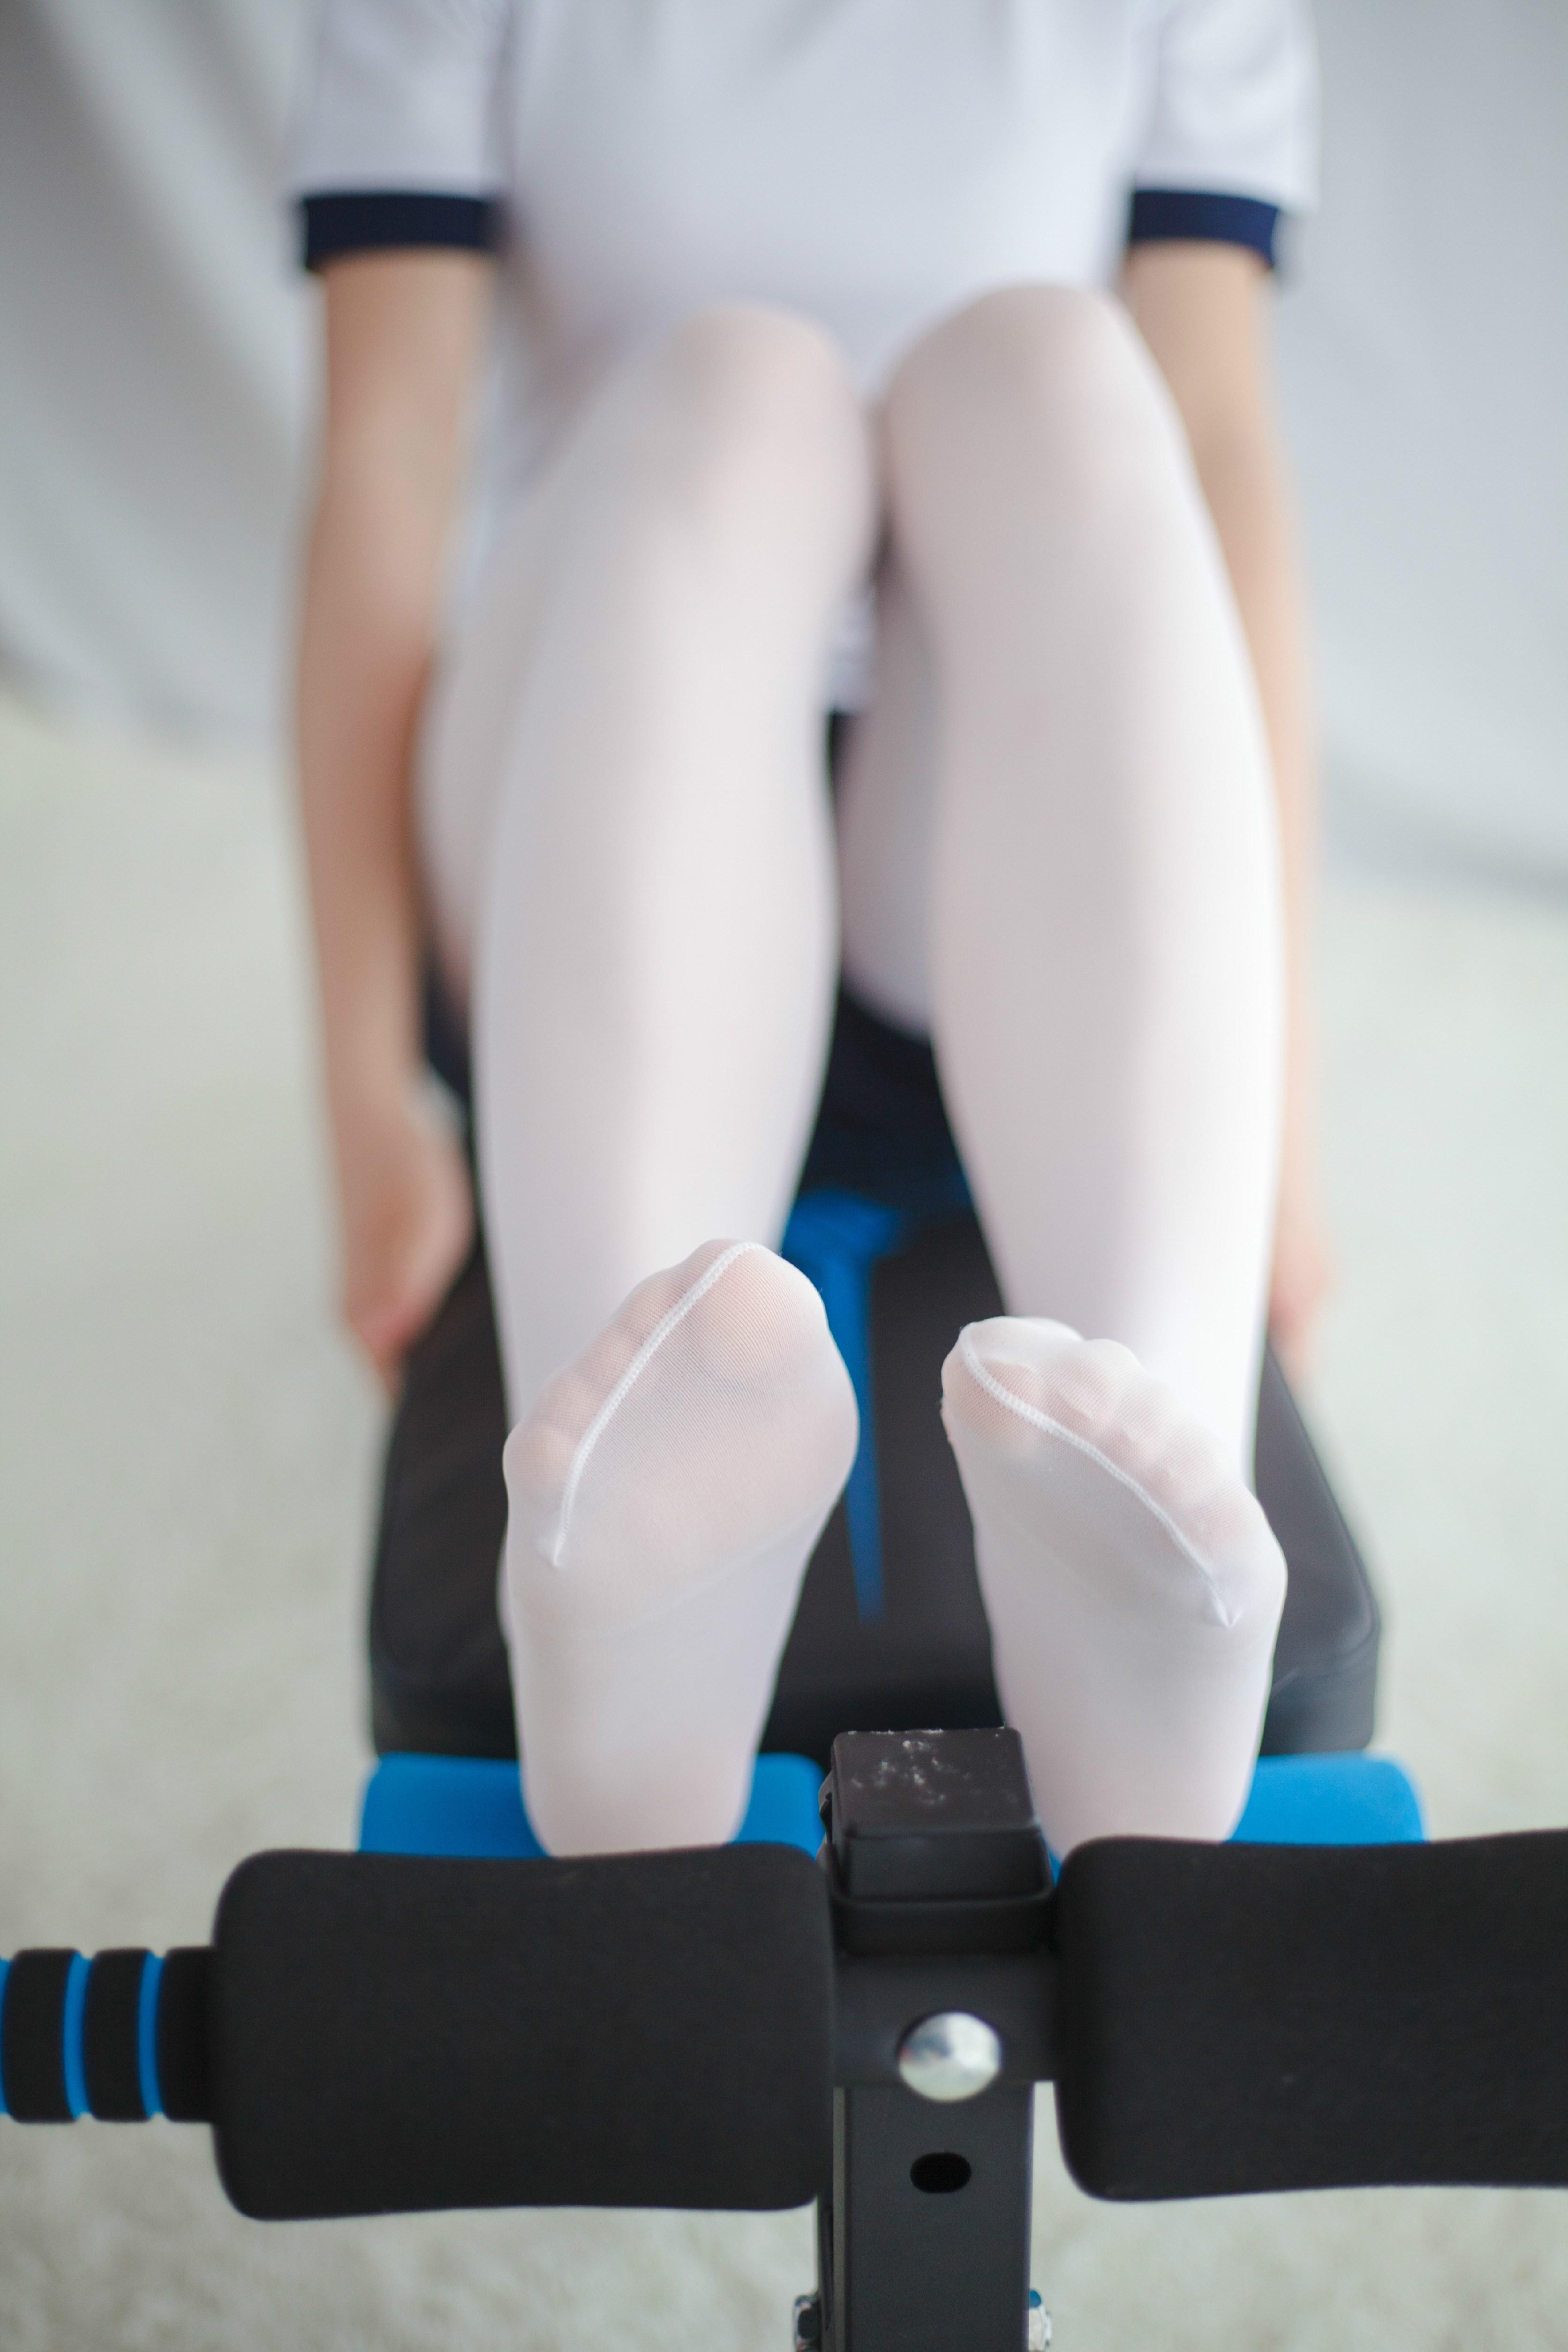 【兔玩映画】萝莉的体操服 兔玩映画 第42张